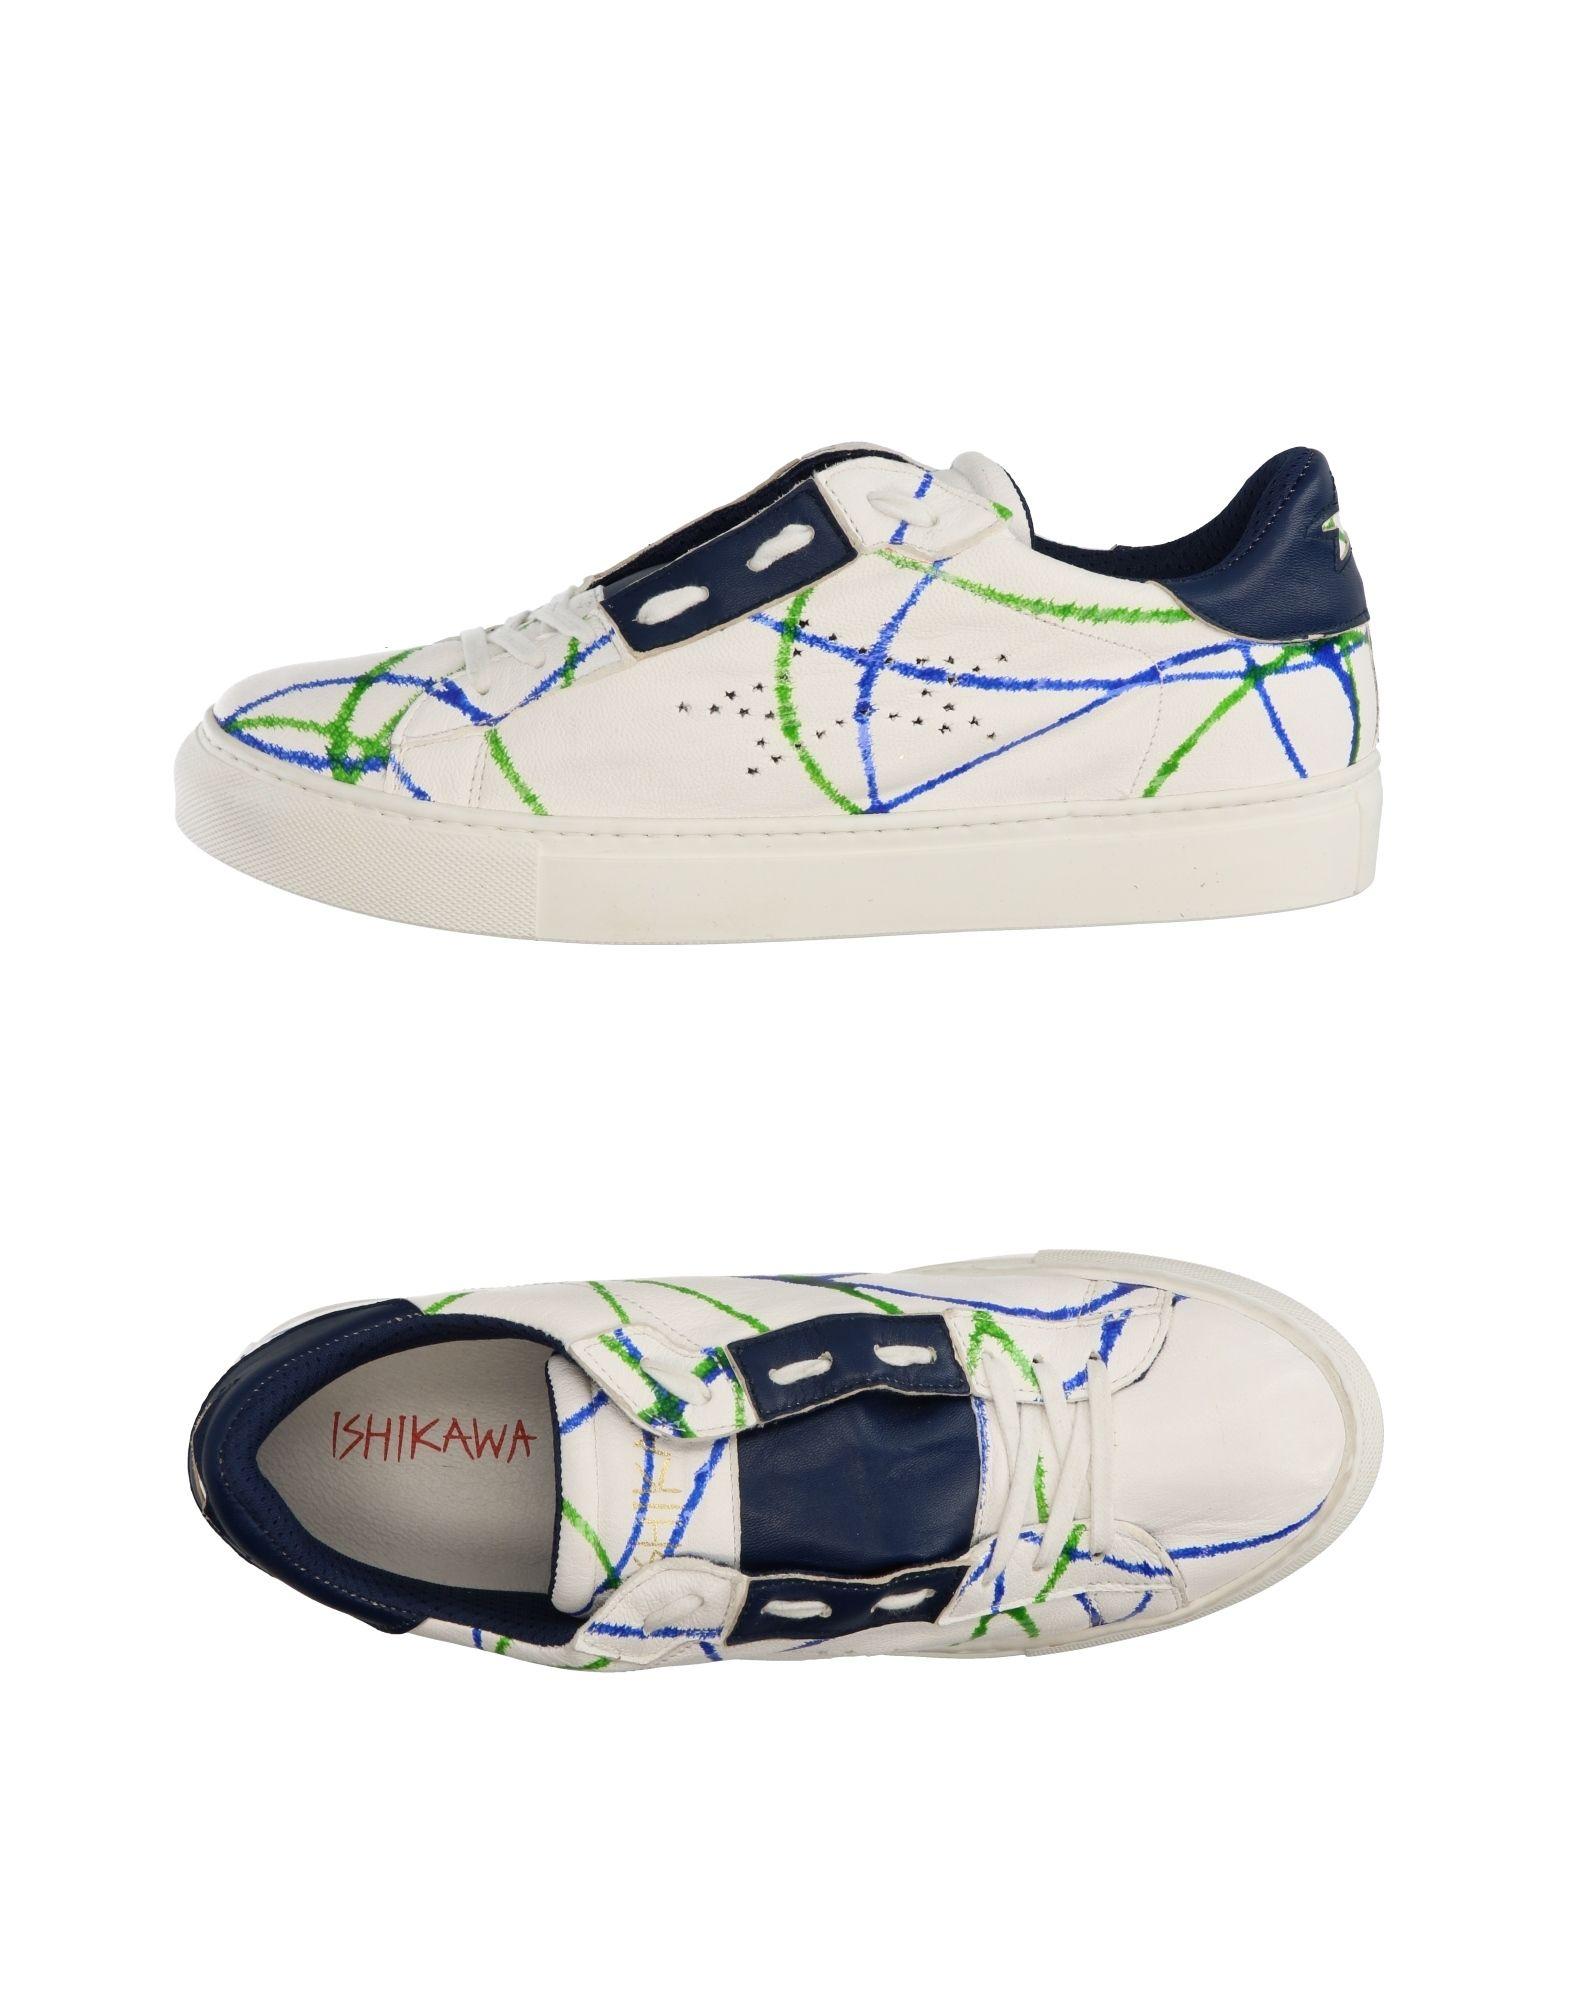 Ishikawa Sneakers Herren  11260795KU Heiße Heiße Heiße Schuhe 446b21